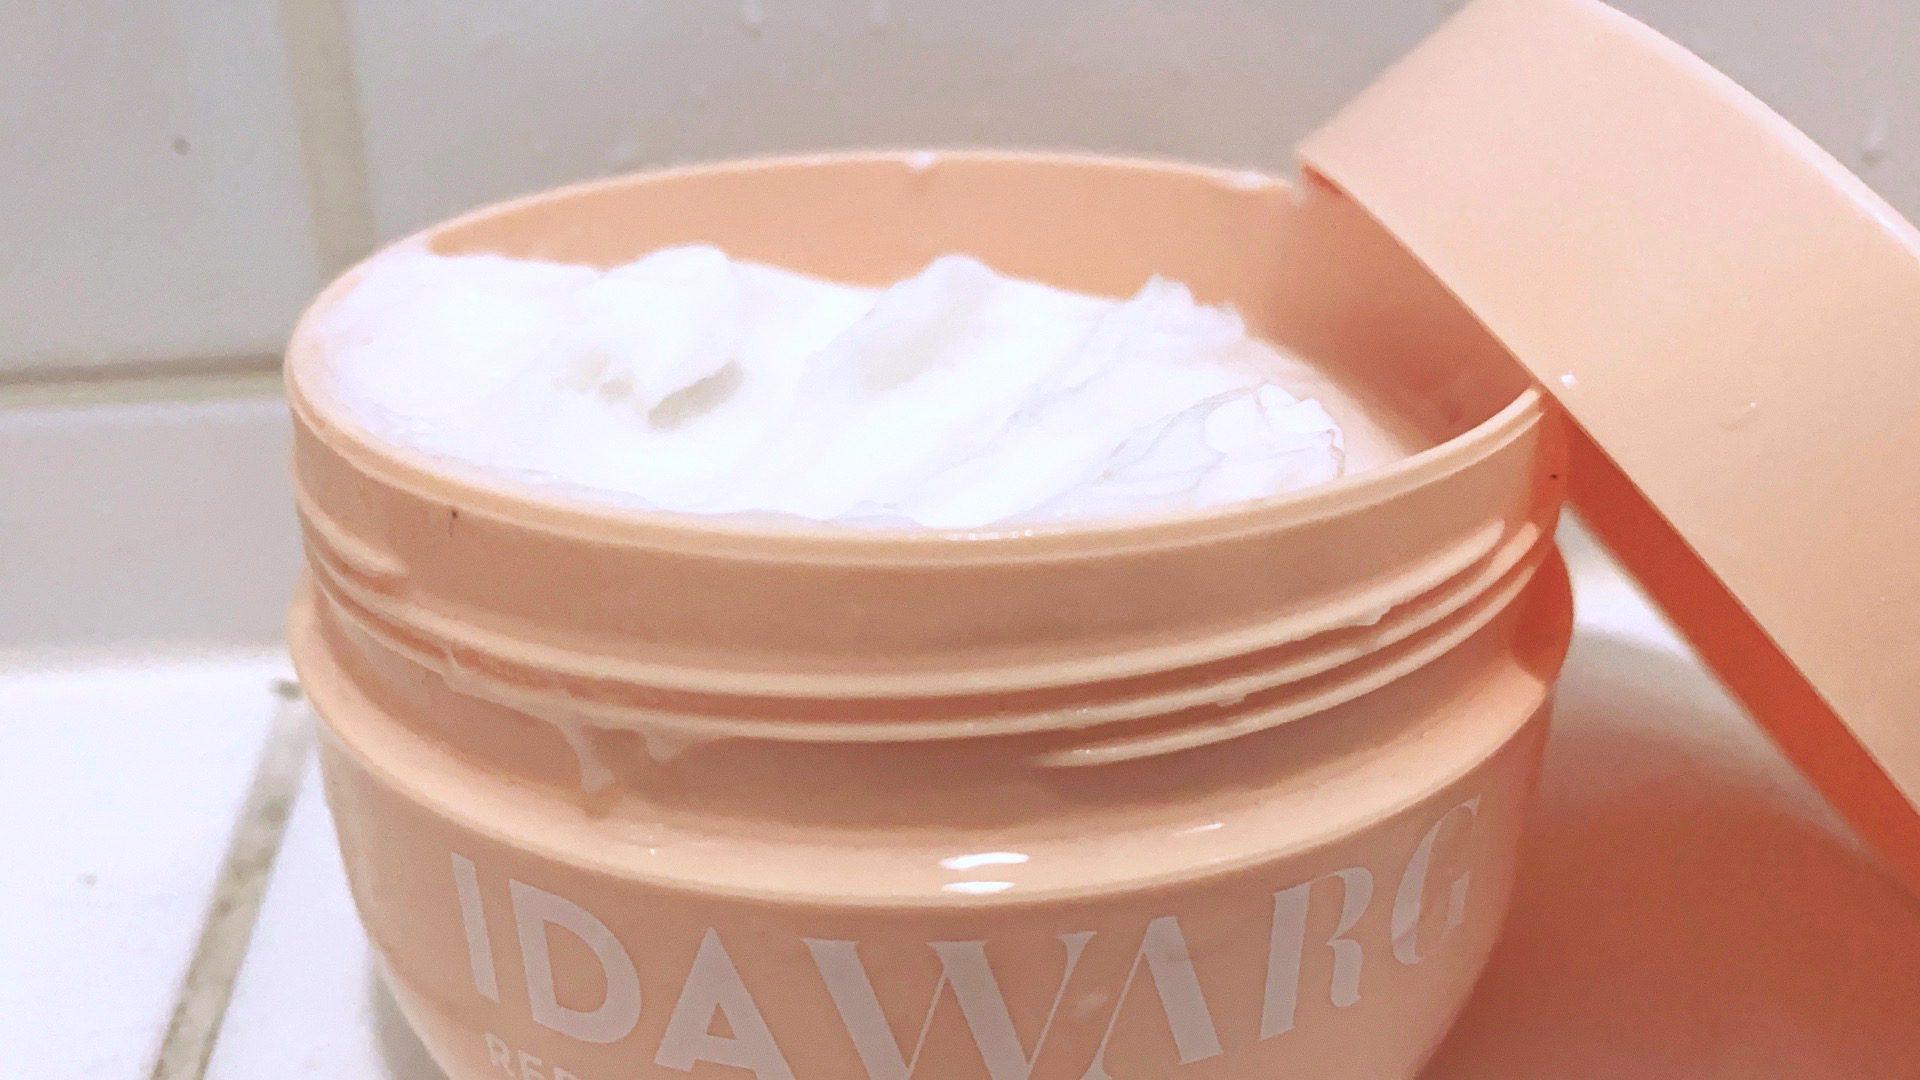 IDA-WARG-Repair-Mask